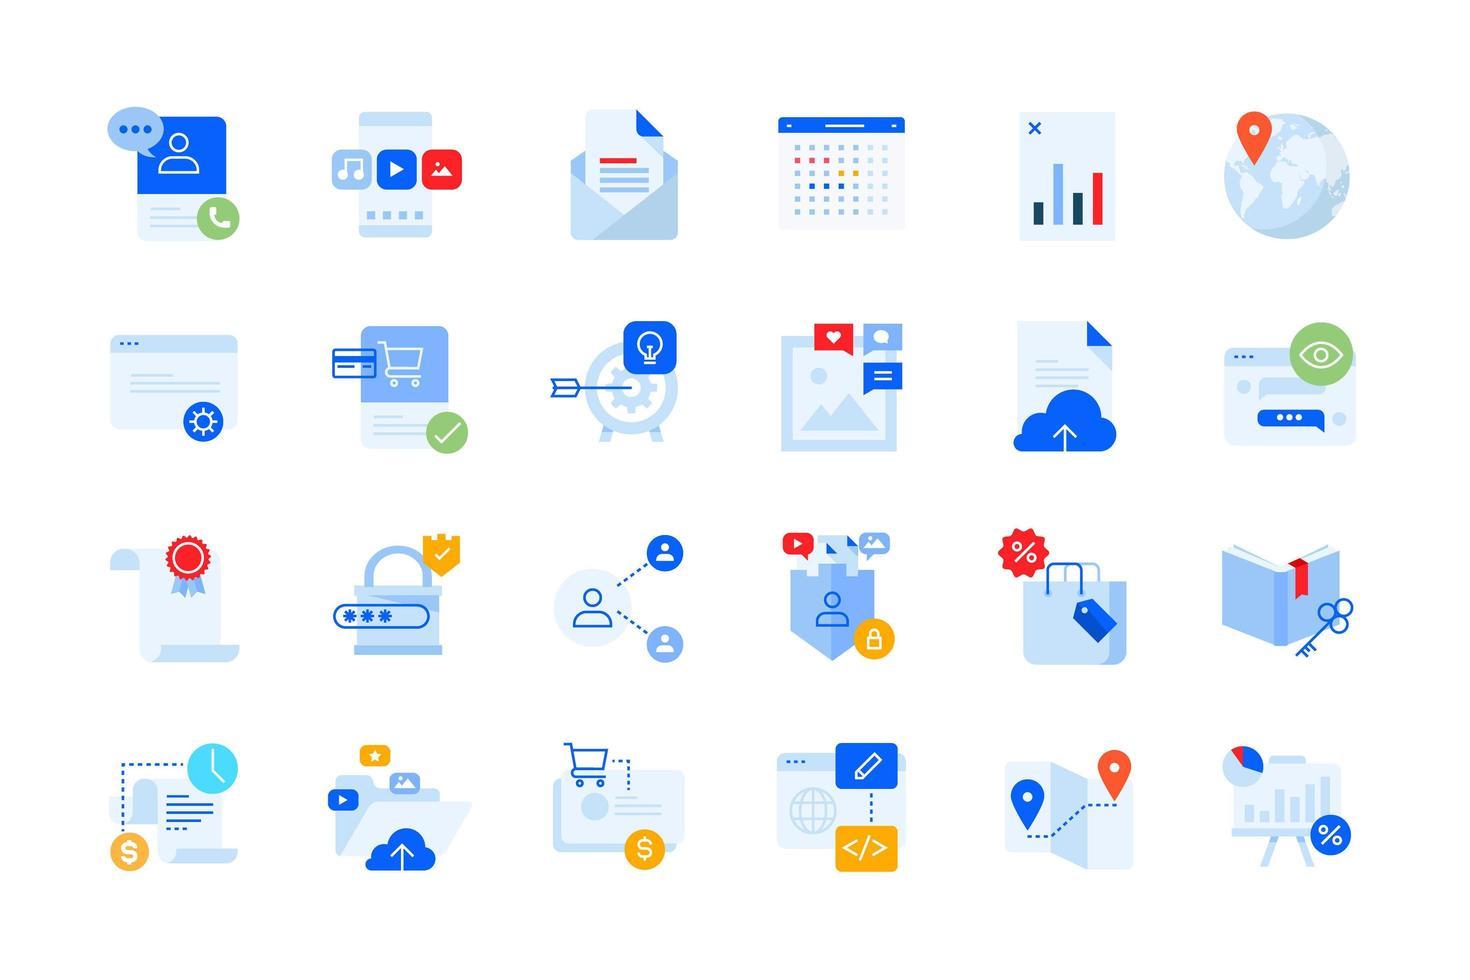 diseño y desarrollo de aplicaciones, iconos modernos de negocios vector